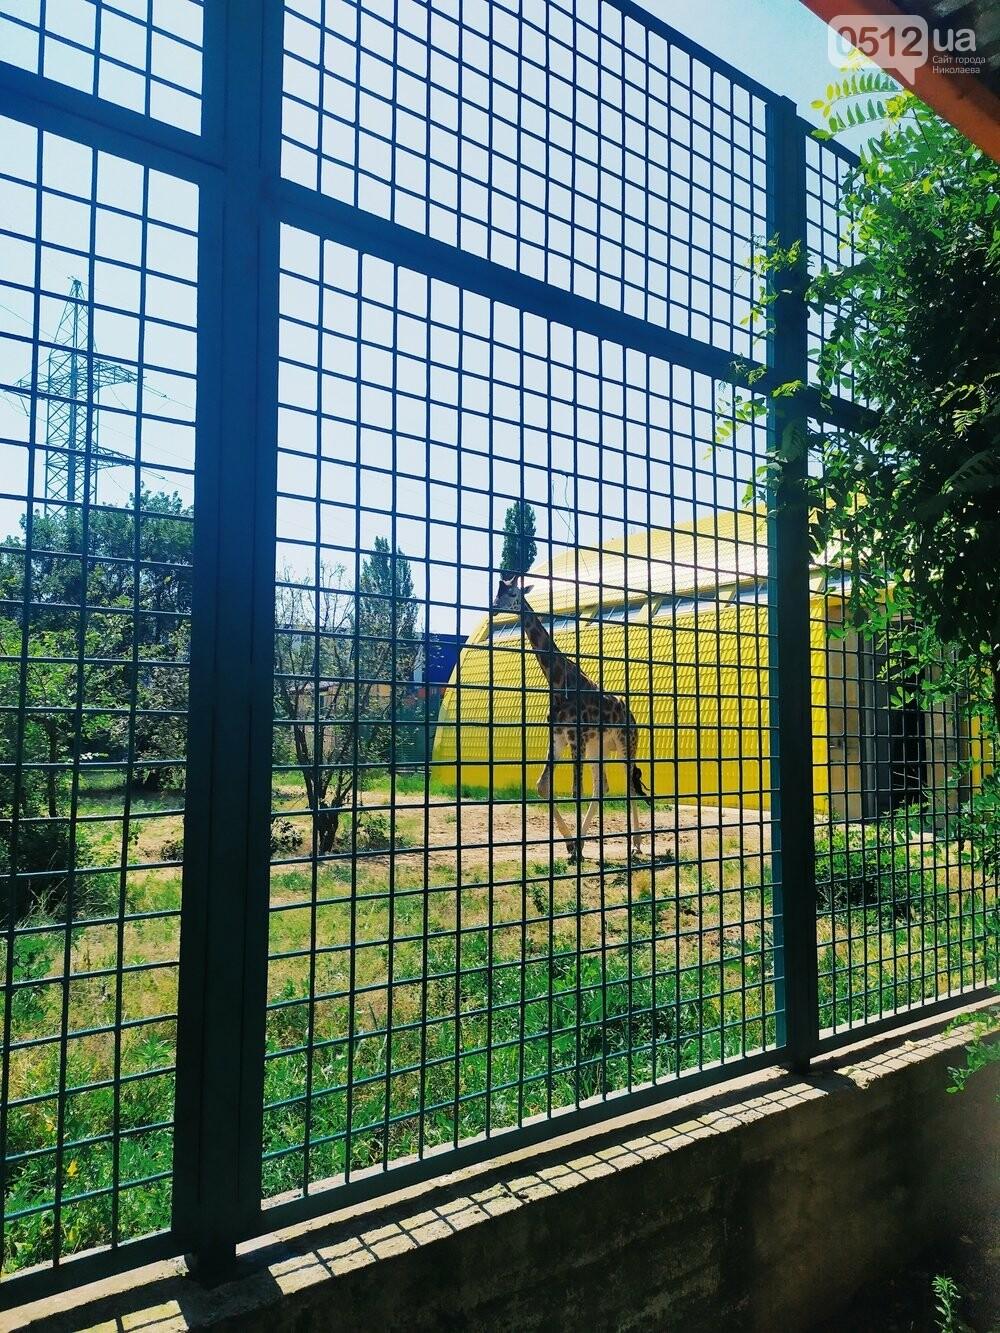 Знойное лето: как поживают животные в николаевском зоопарке, - ФОТОРЕПОРТАЖ , фото-5